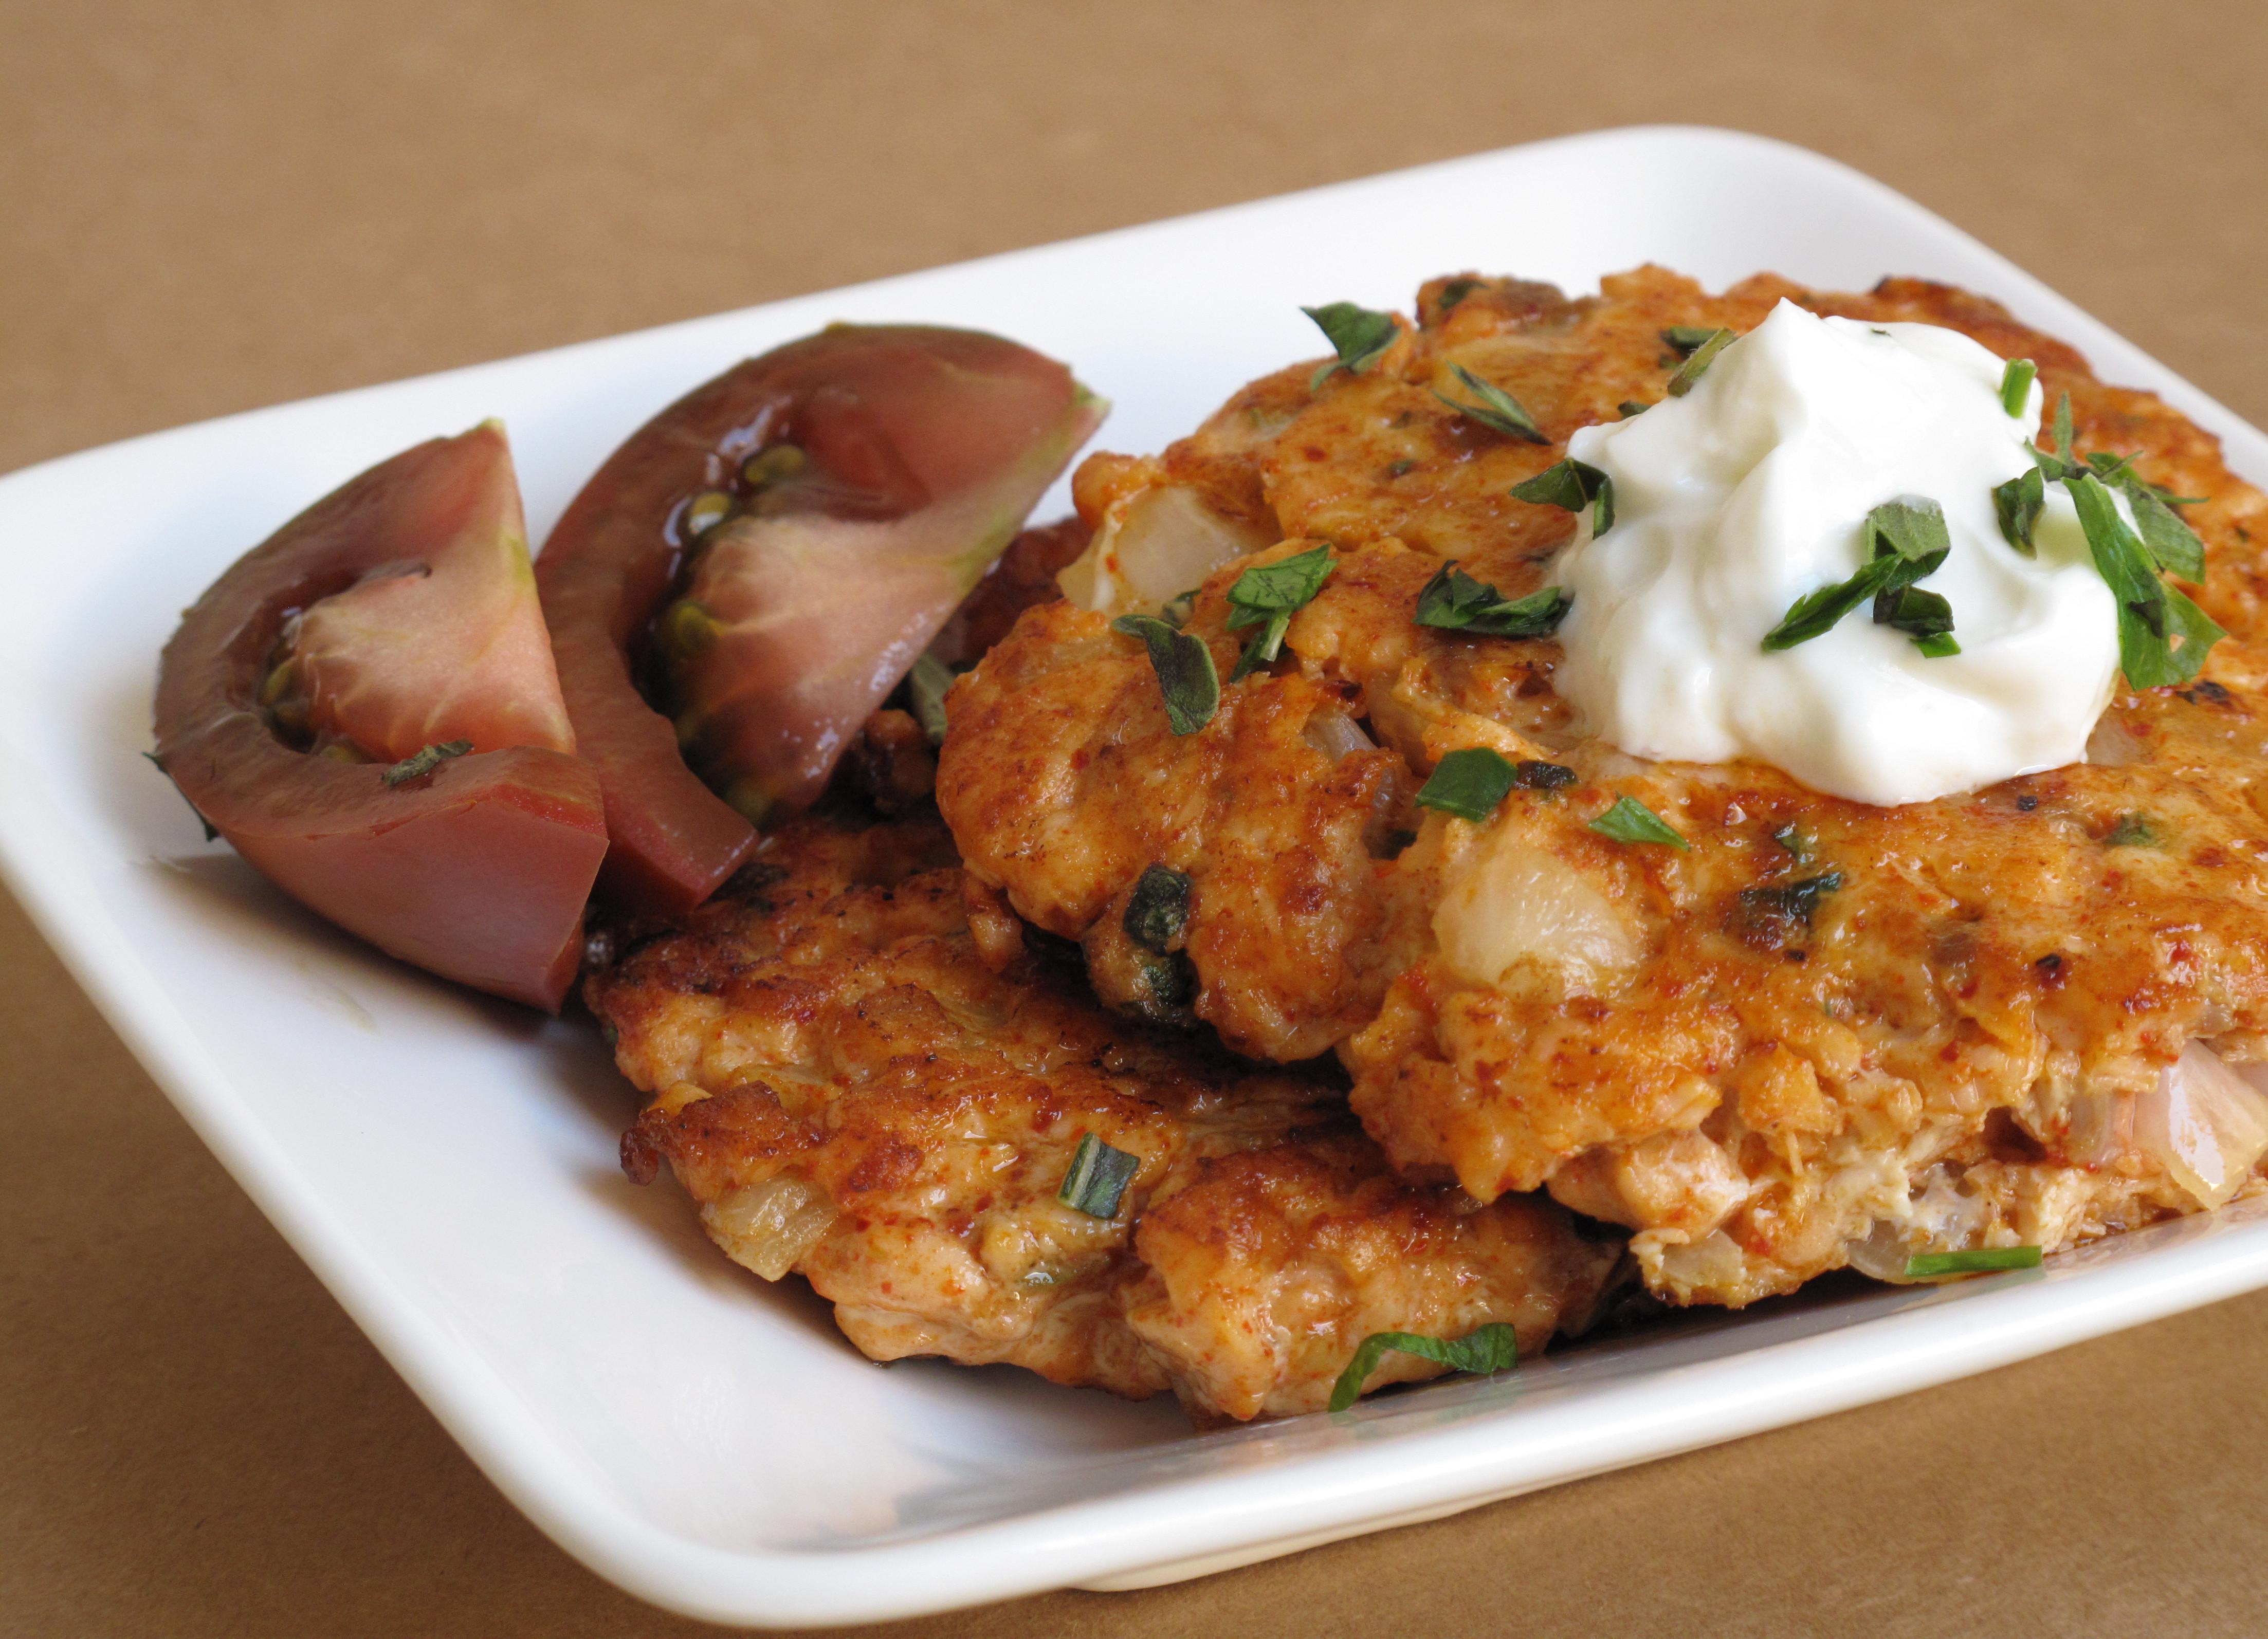 Healthy Breakfast Meats  Healthy Spa Recipe For Breakfast Salmon Sausage Patties